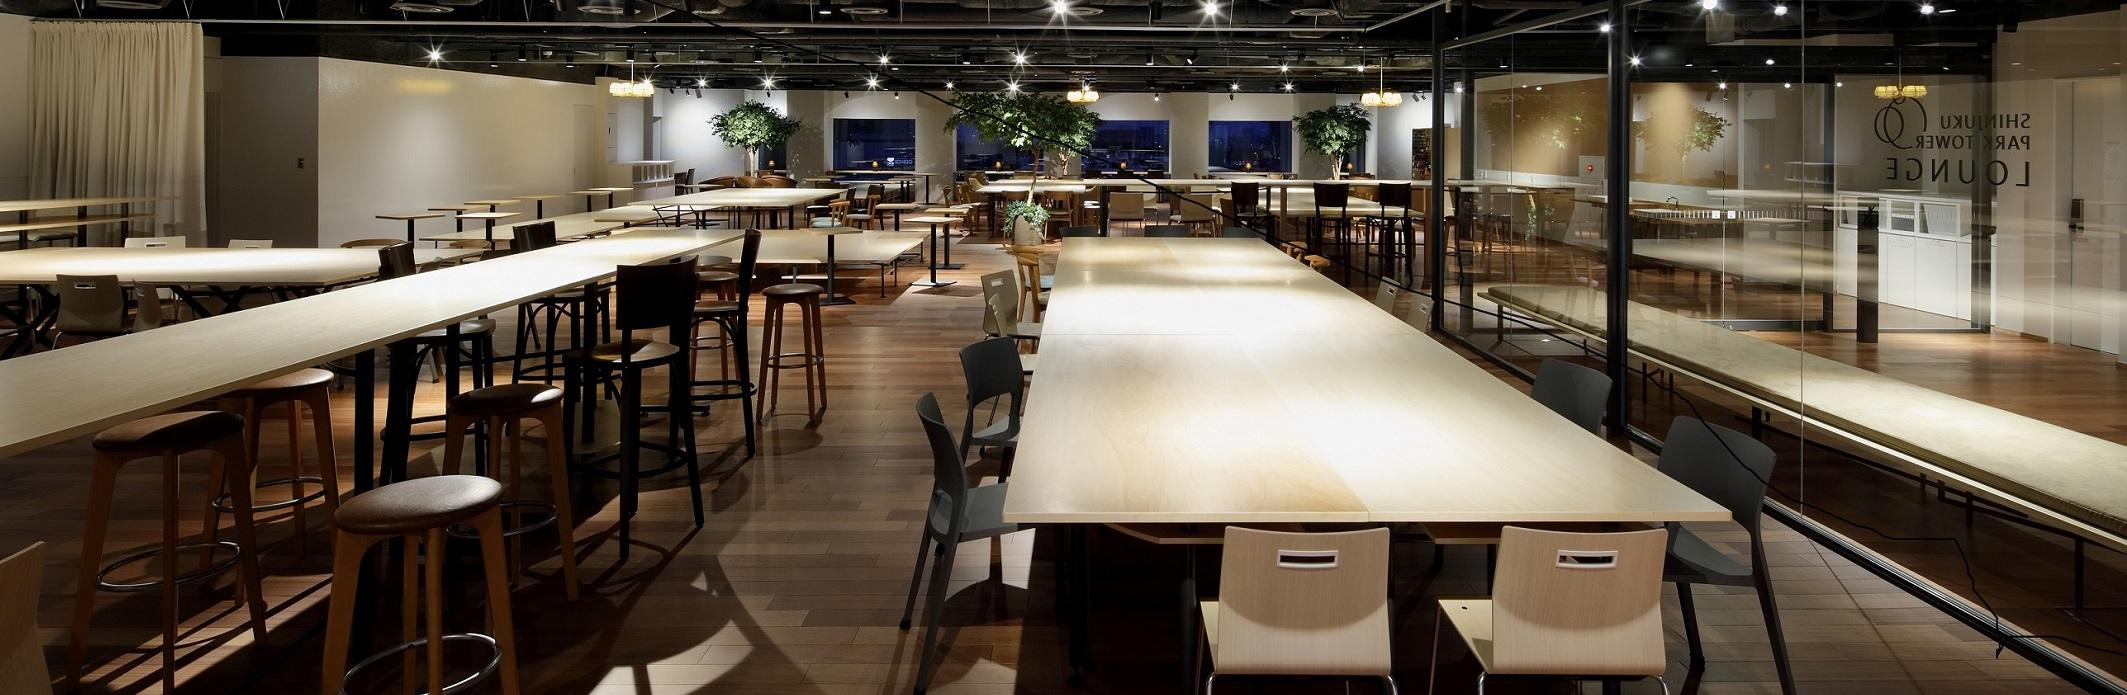 【オフィスビル共用部】新宿パークタワーラウンジ企画設計